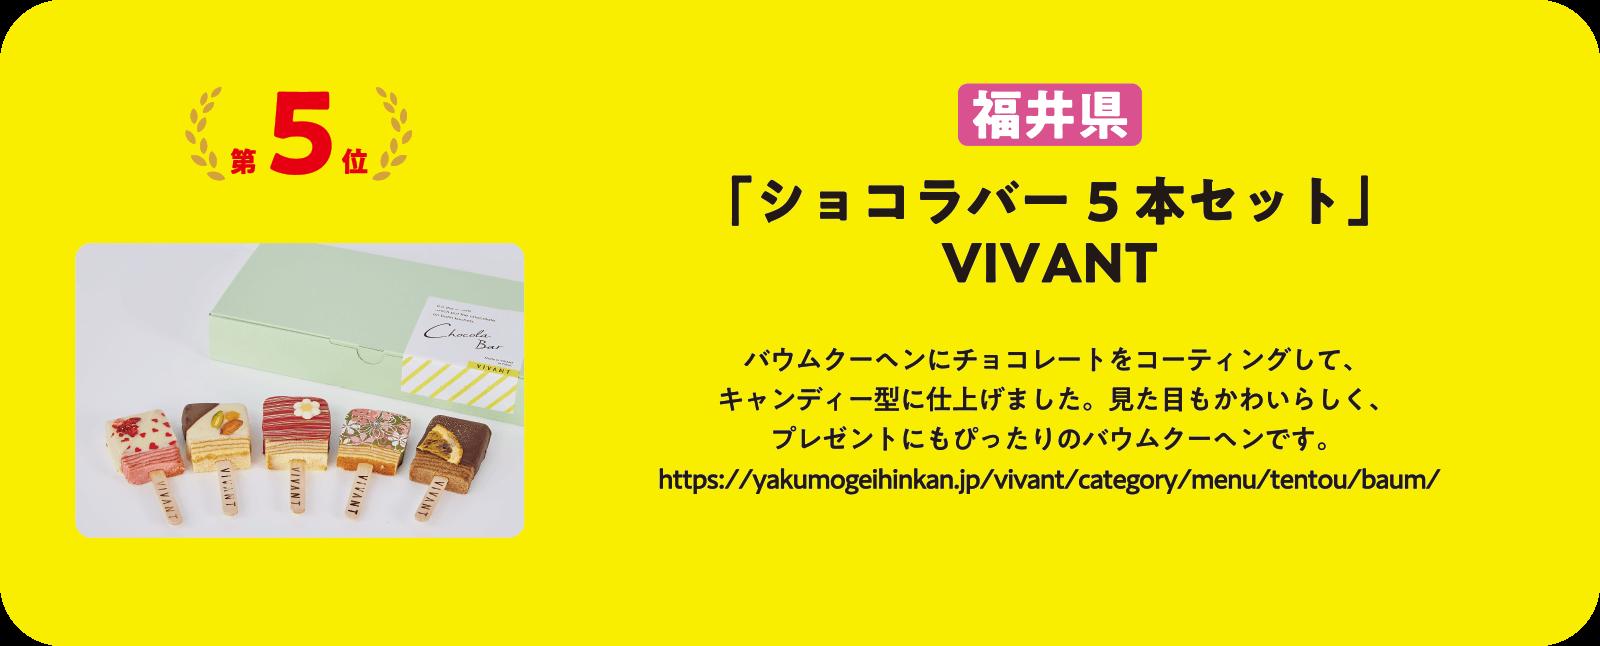 「ショコラバー5本セット」 VIVANT